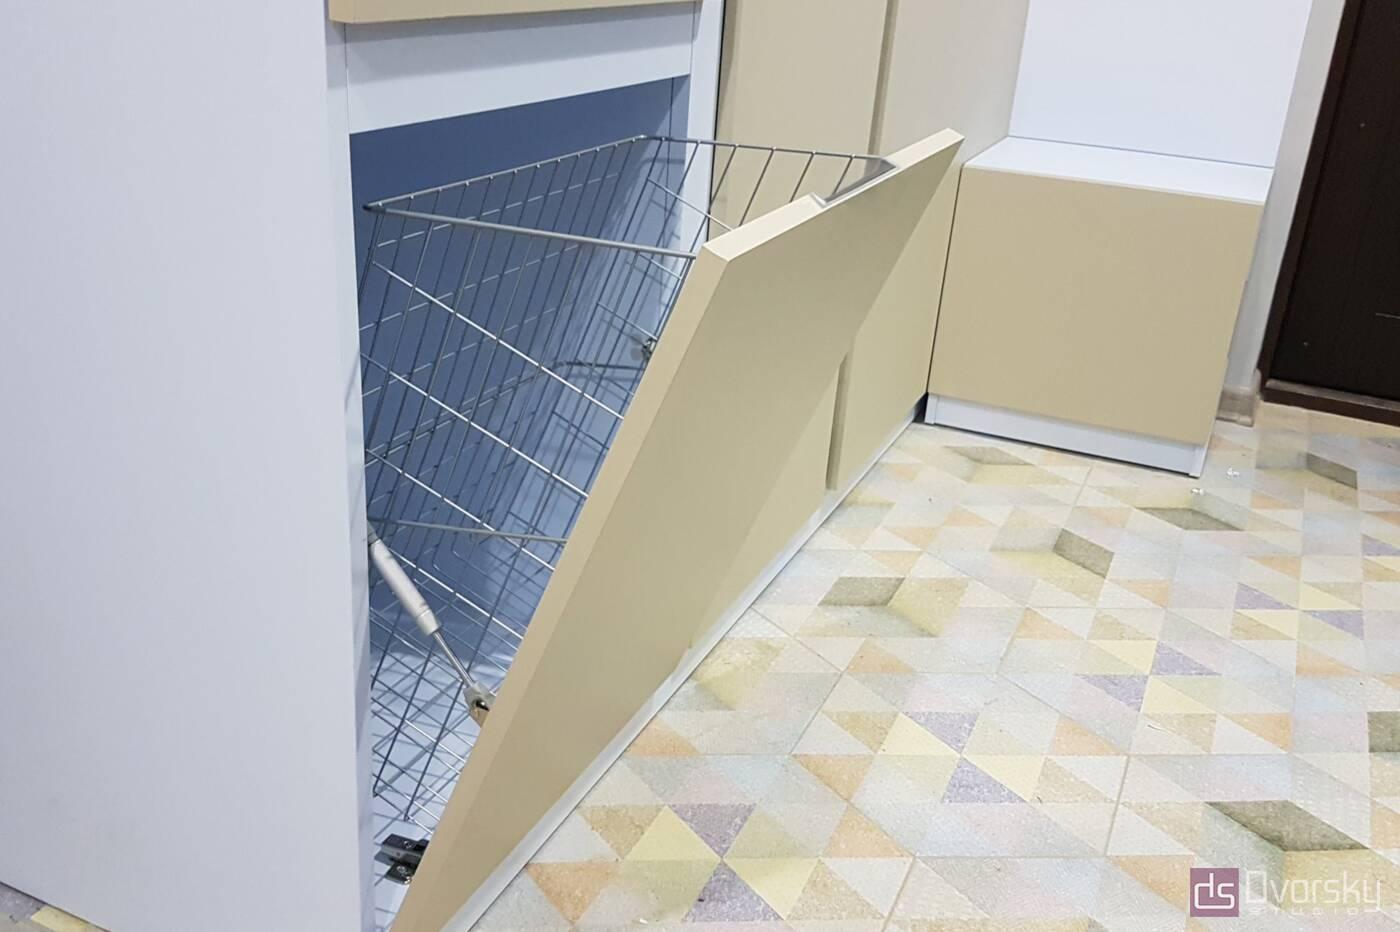 Шкафы распашные Шкаф распашной со скрытыми ручками - Фото № 3